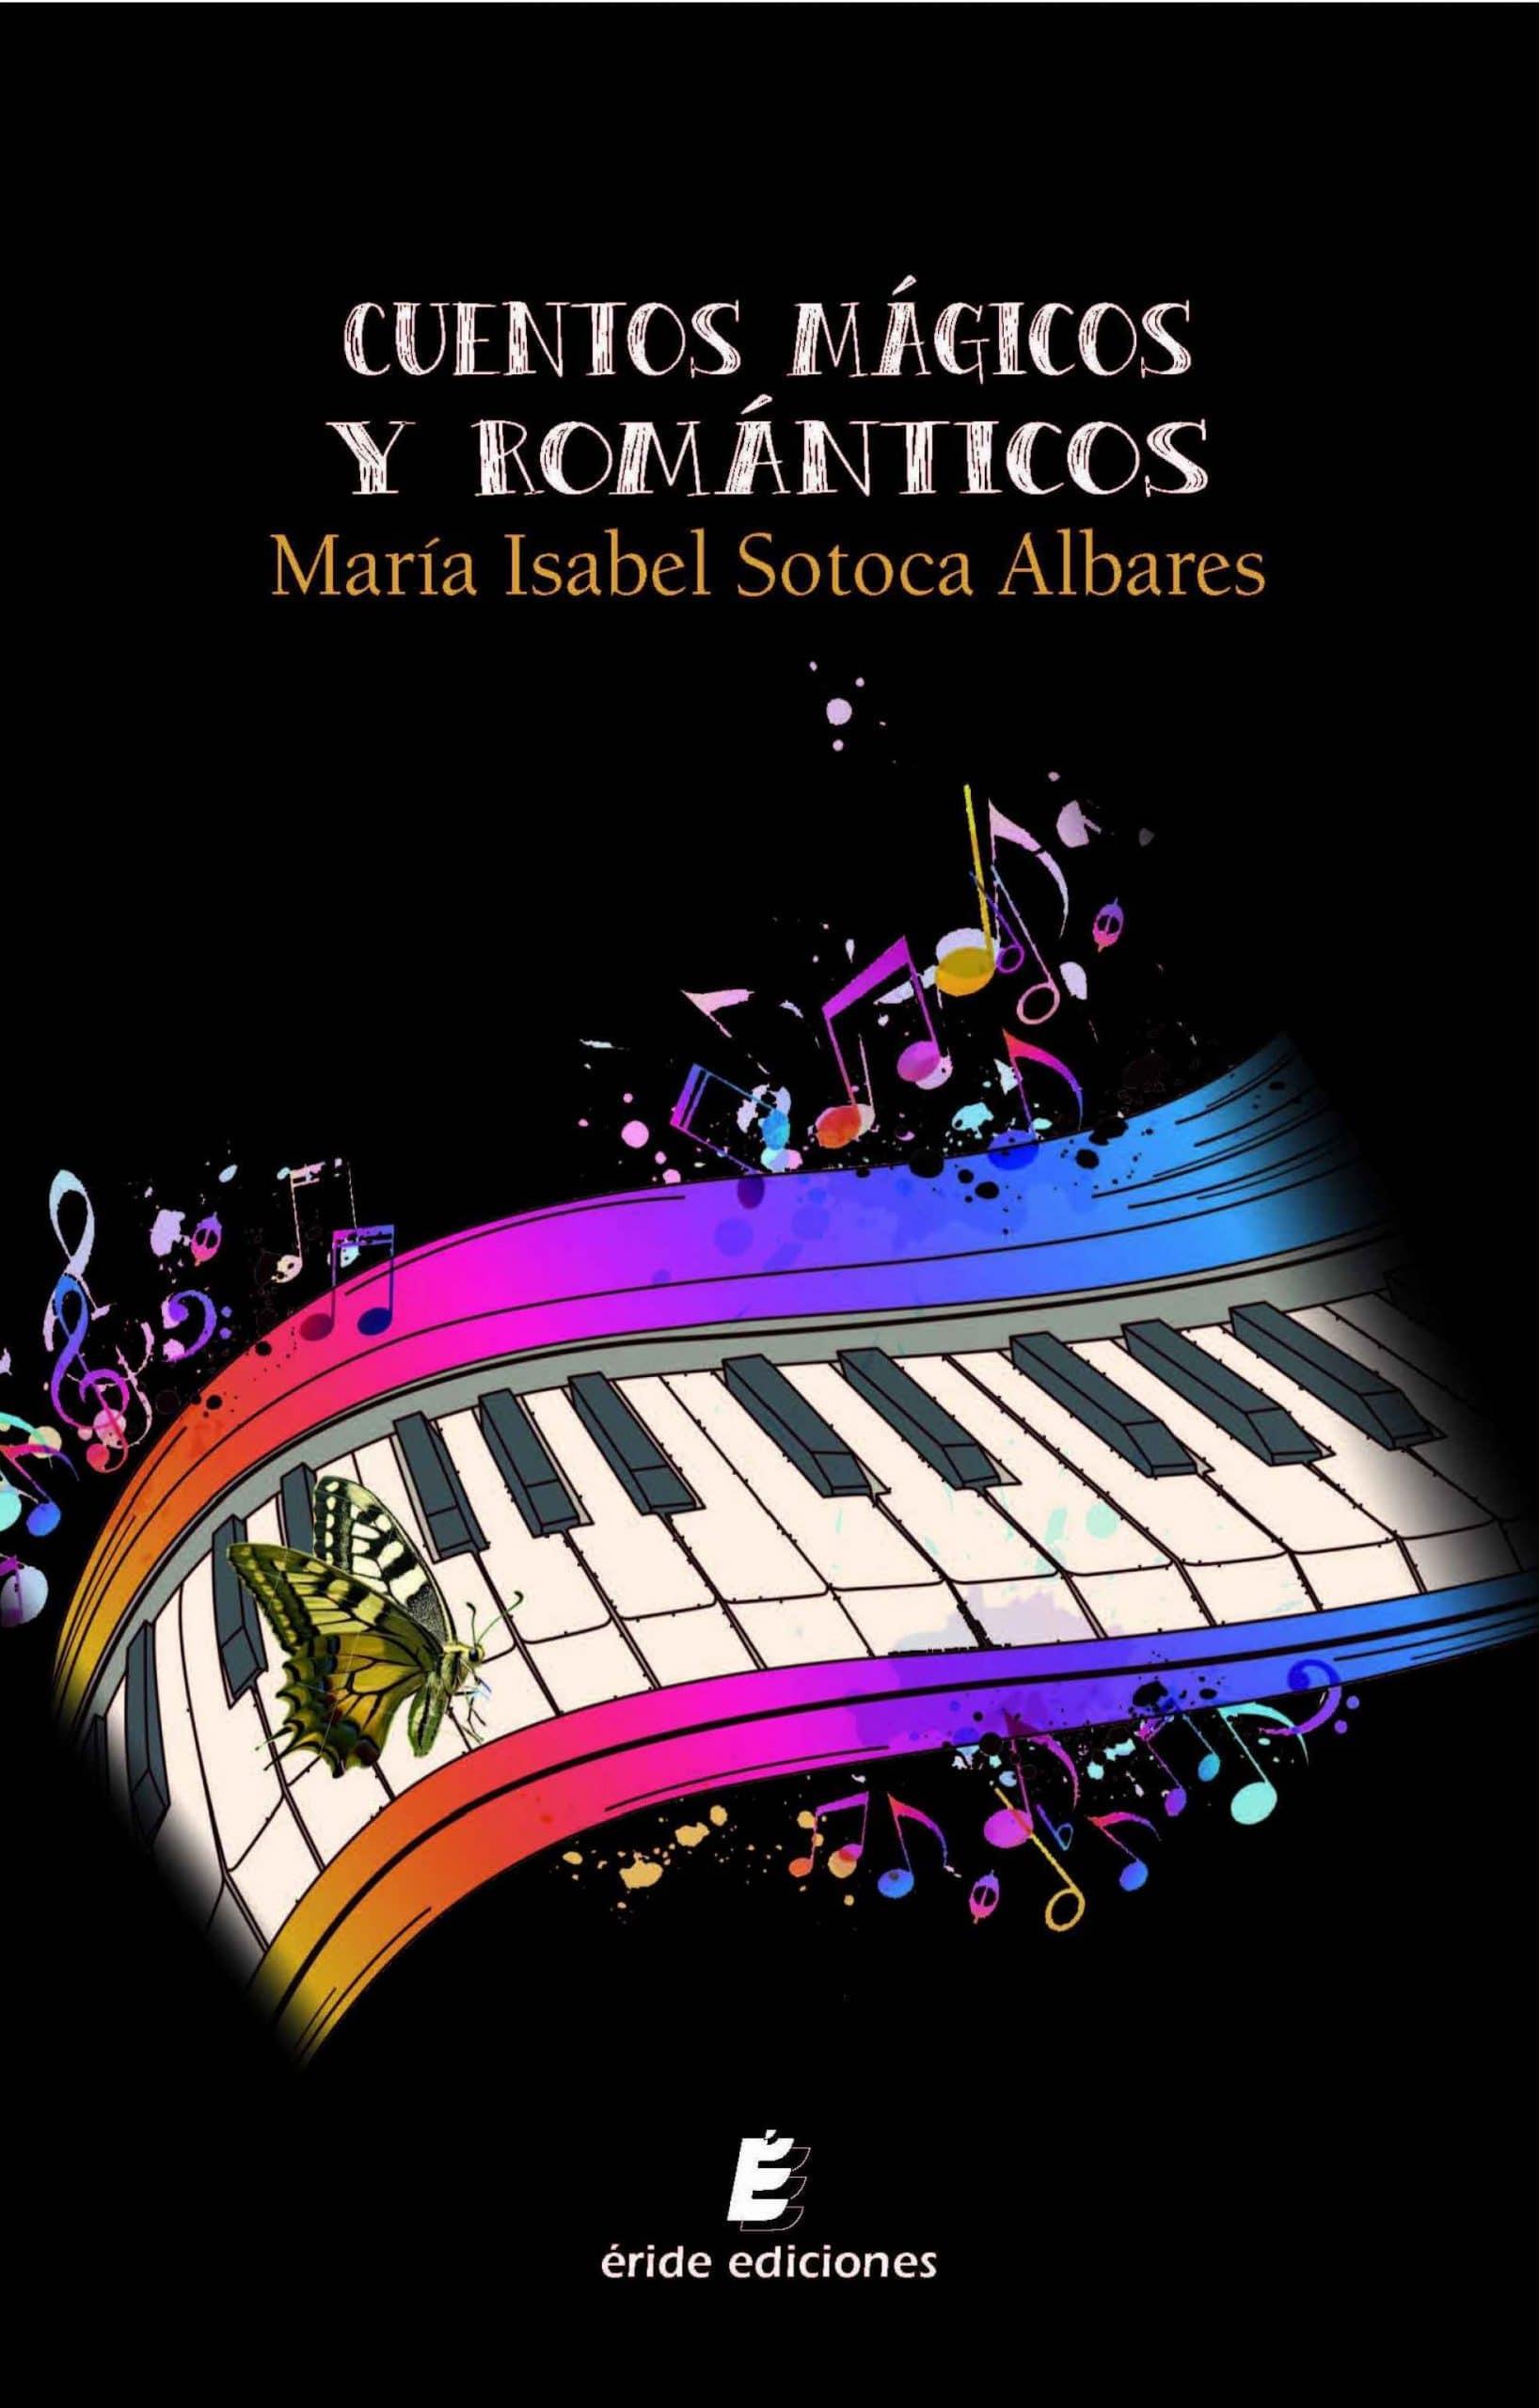 Cuentos magicos y romanticos_primera maqueta_Página_001